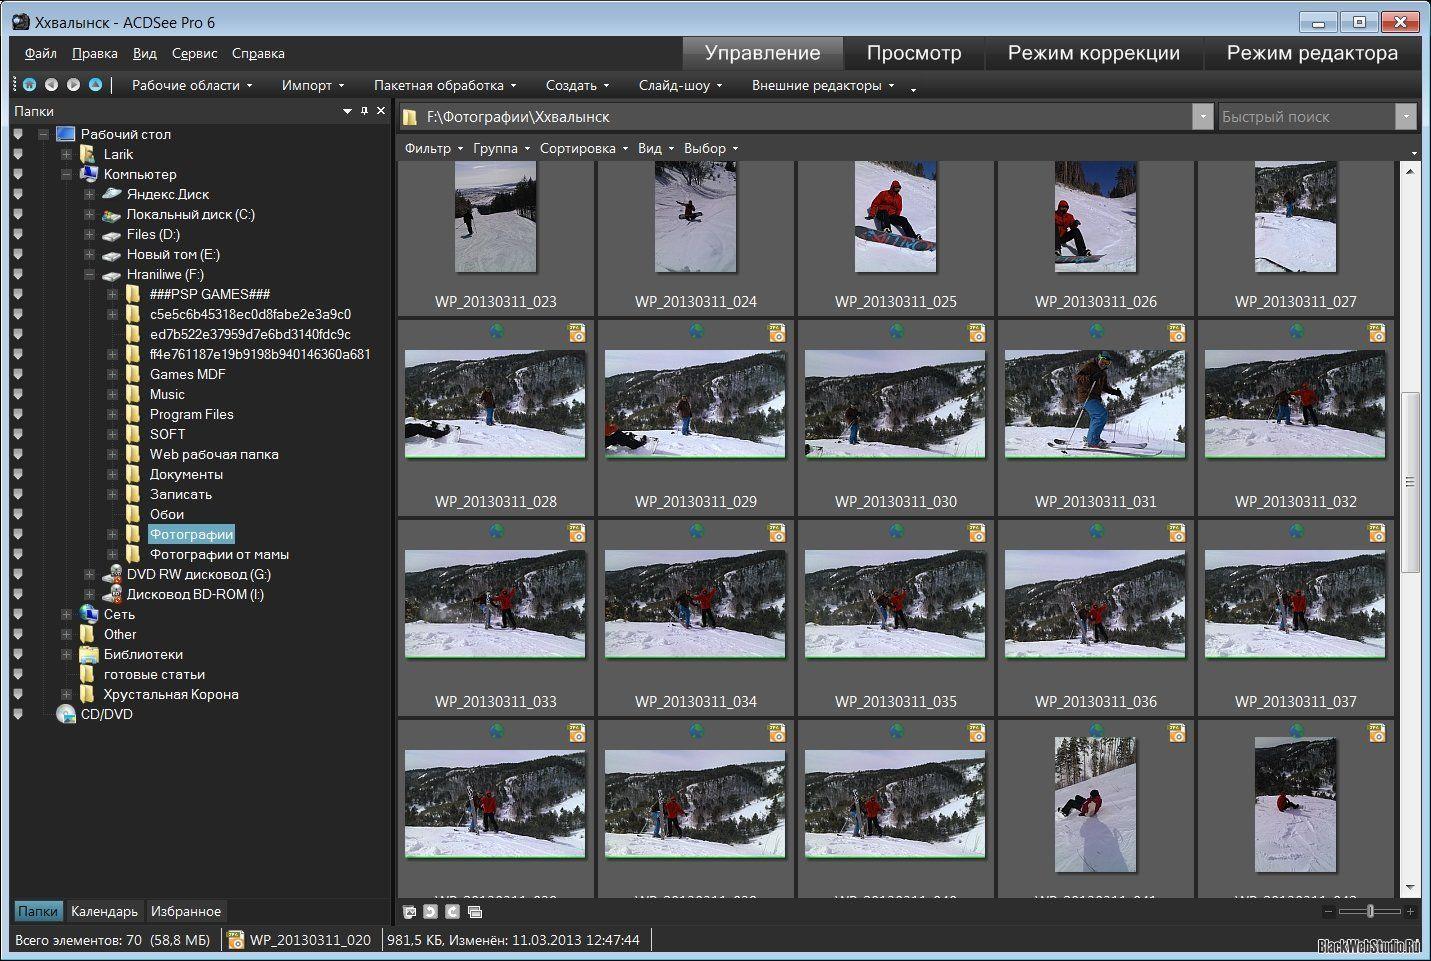 Программа для редактирования фото бесплатно скачать